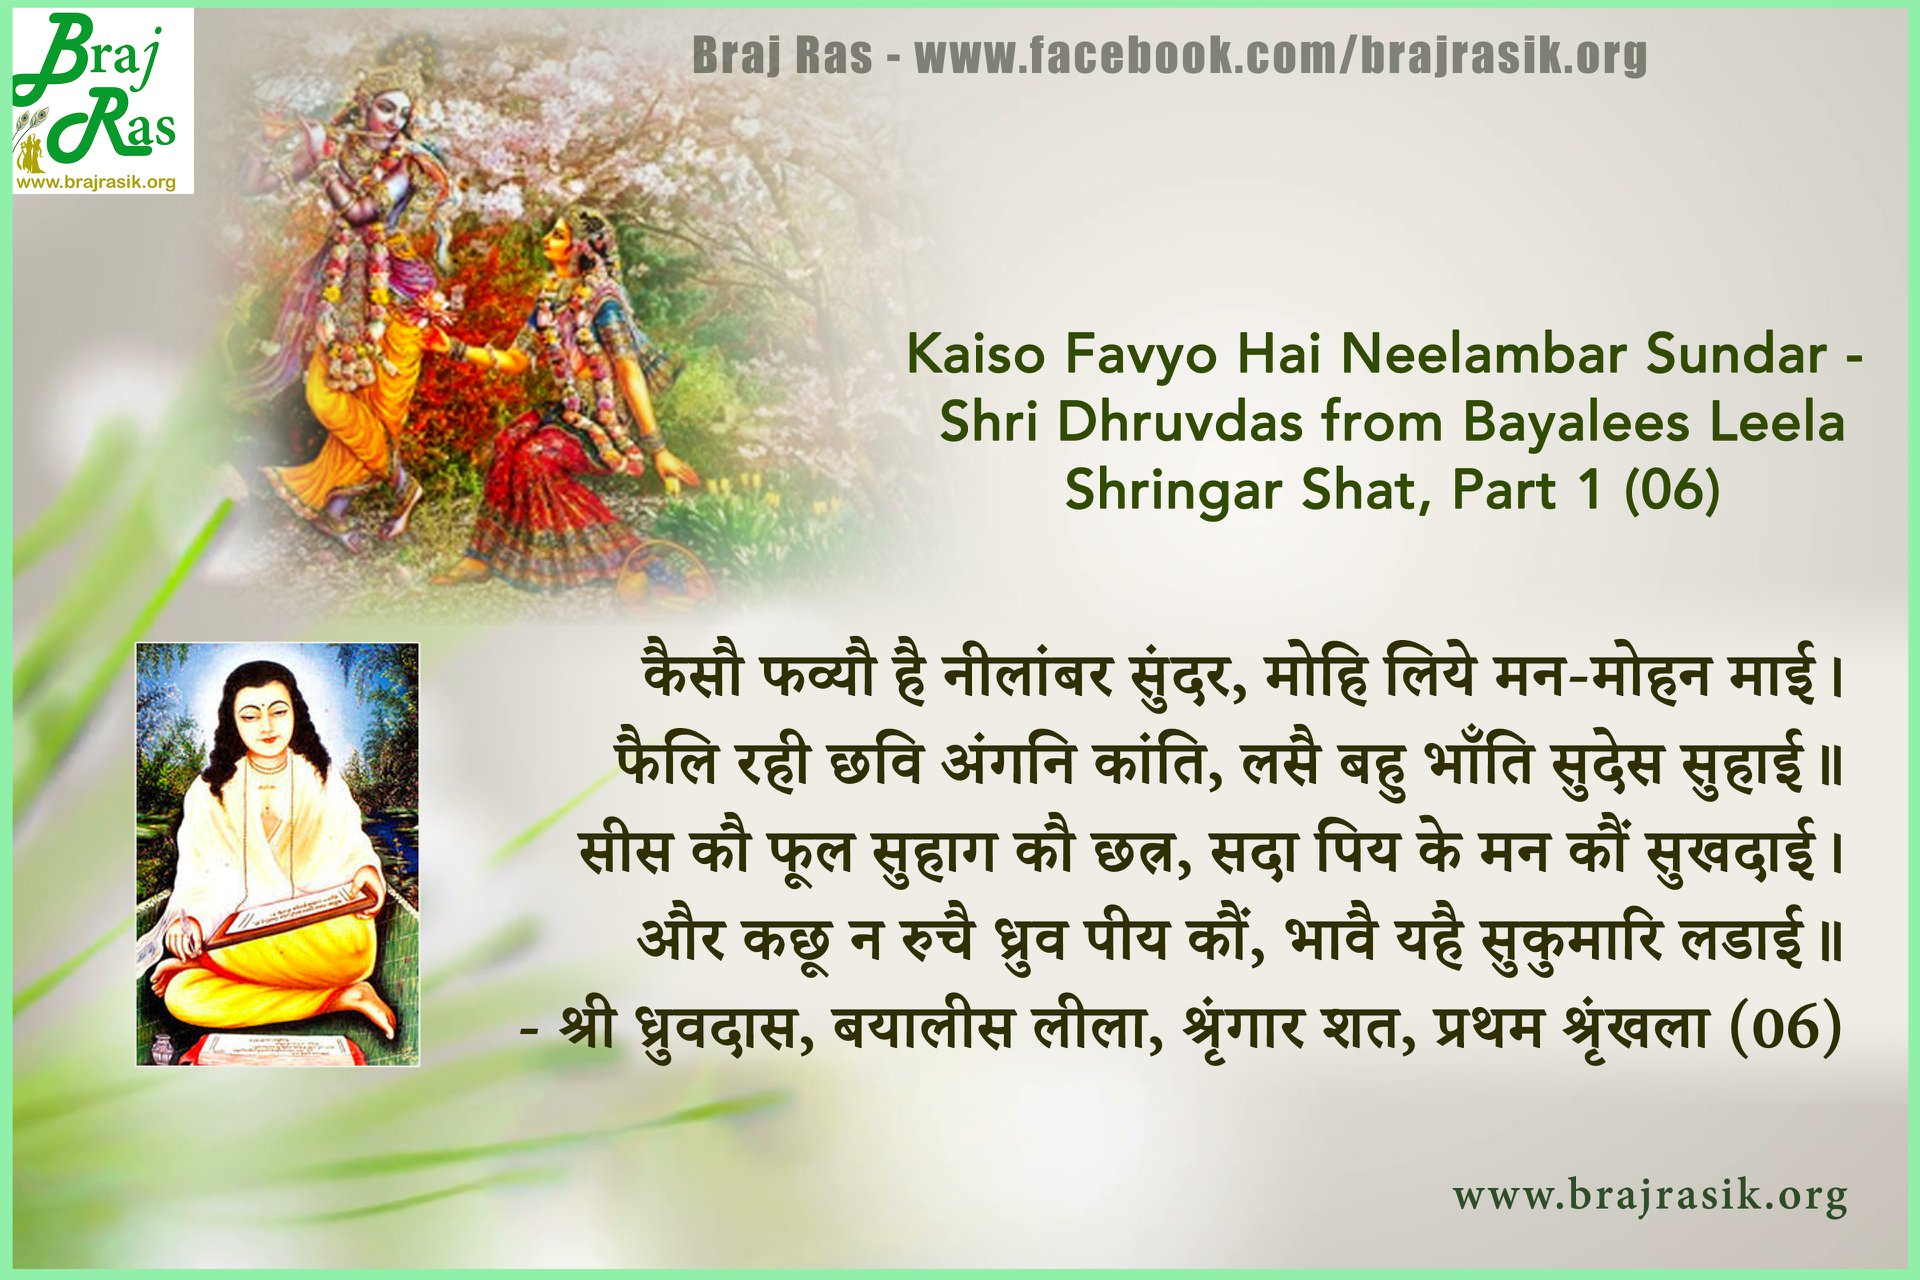 Kaiso Favyo Hai Neelambar Sundar - Shri Dhruvdas from Bayalees Leela Shringar Shat, Part 1 (06)